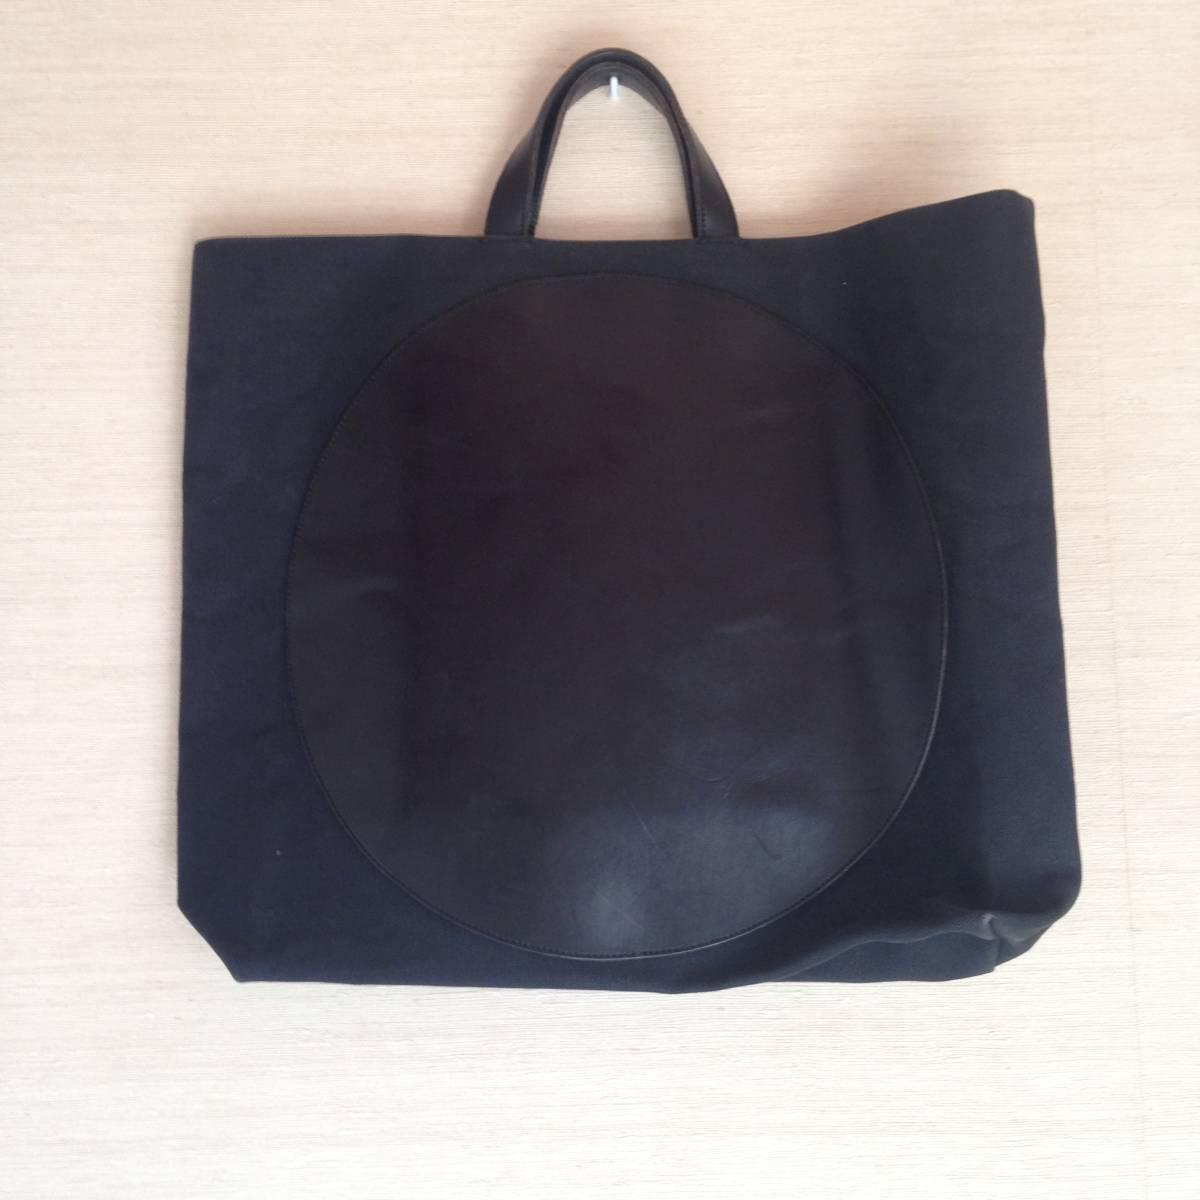 江面旨美トートバッグ 一点物 帆布に牛革 ギャルソン・arts&science・45R・ヨーガンレール好きな方